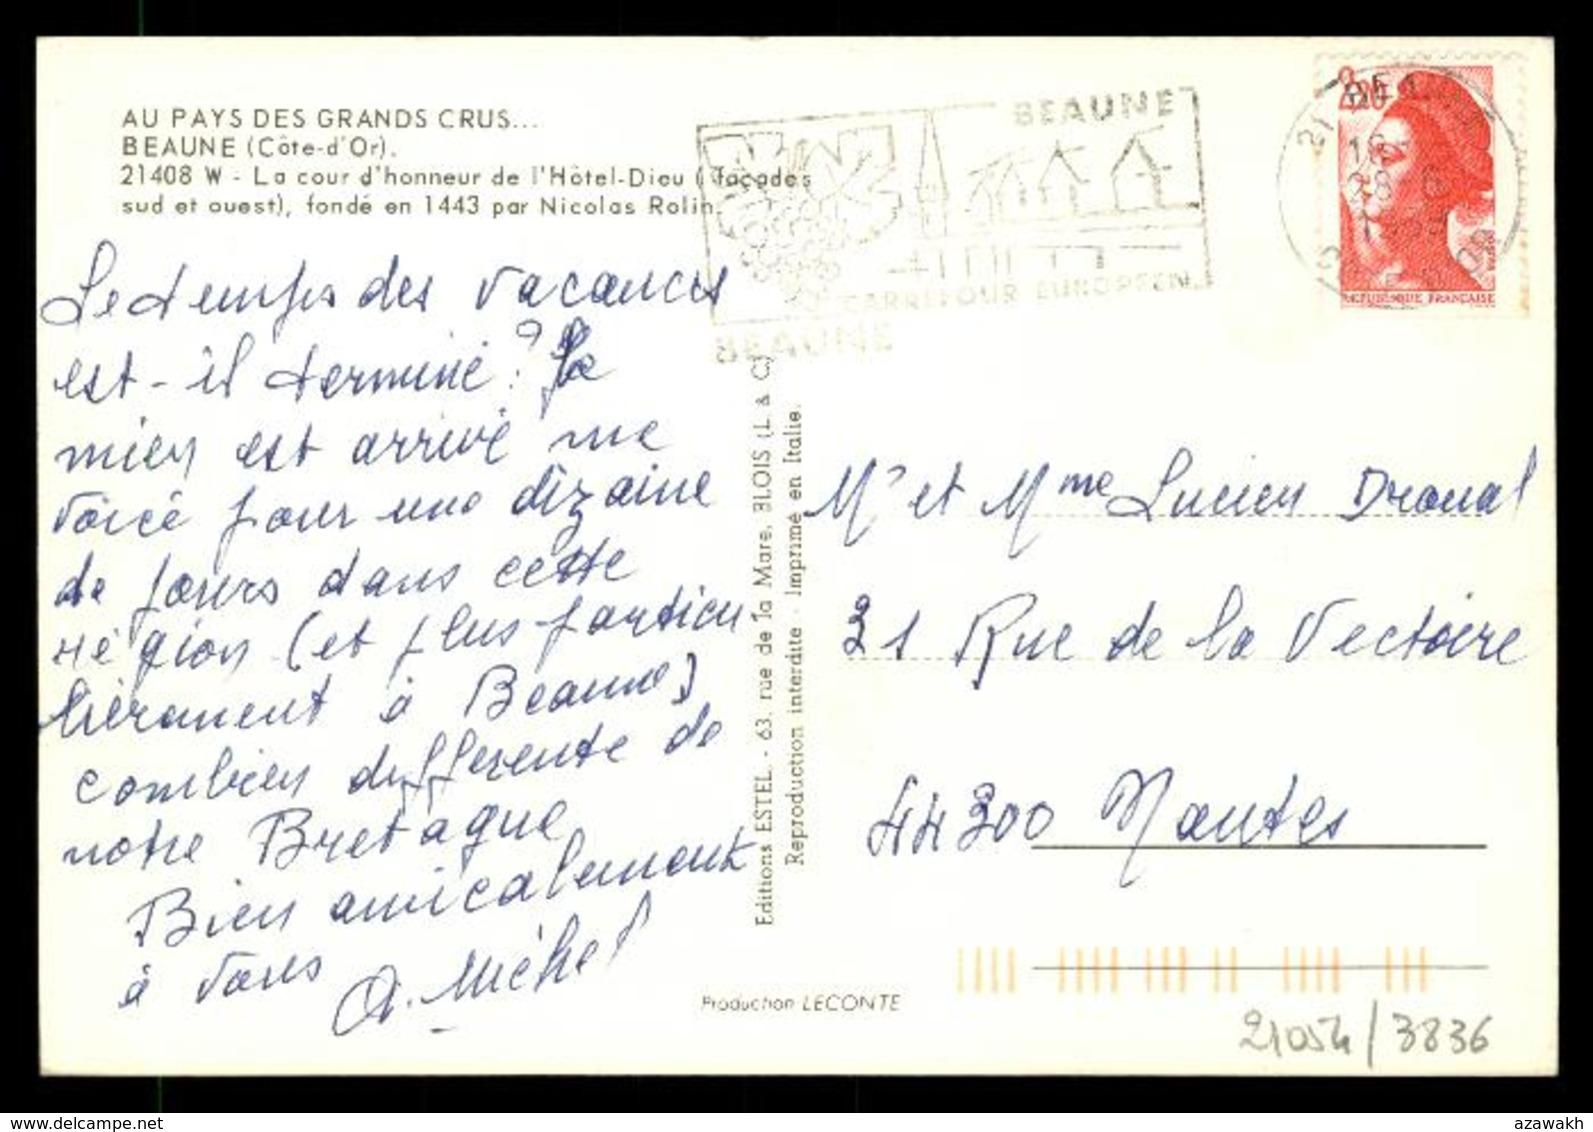 21 - Beaune - La Cour D'honneur De L'hotel-dieu #08421 - Beaune